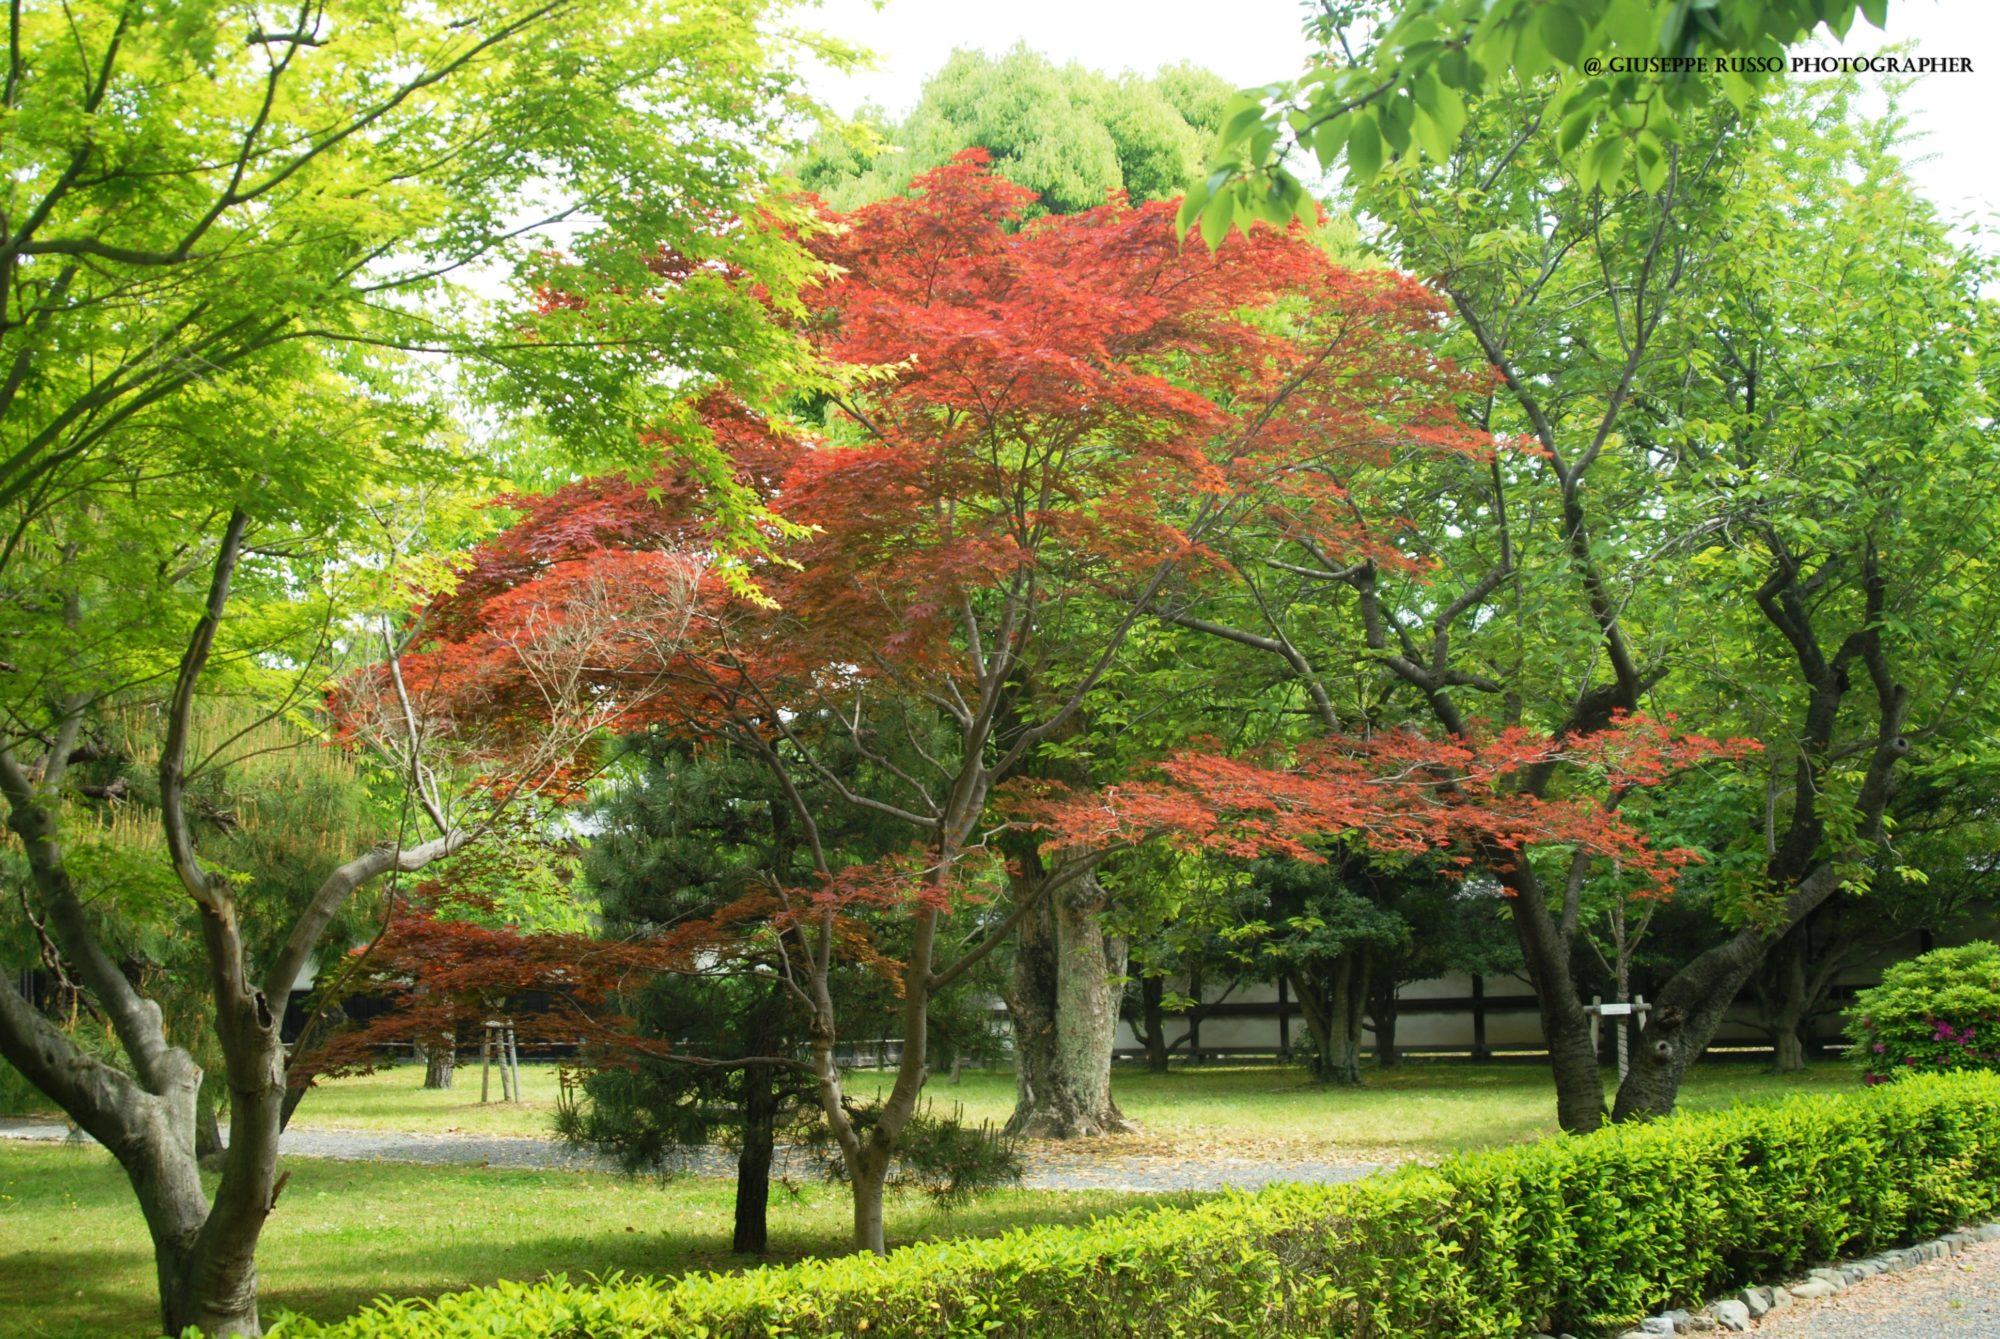 HANAMI, Momiji (acero giapponese rosso) (2)